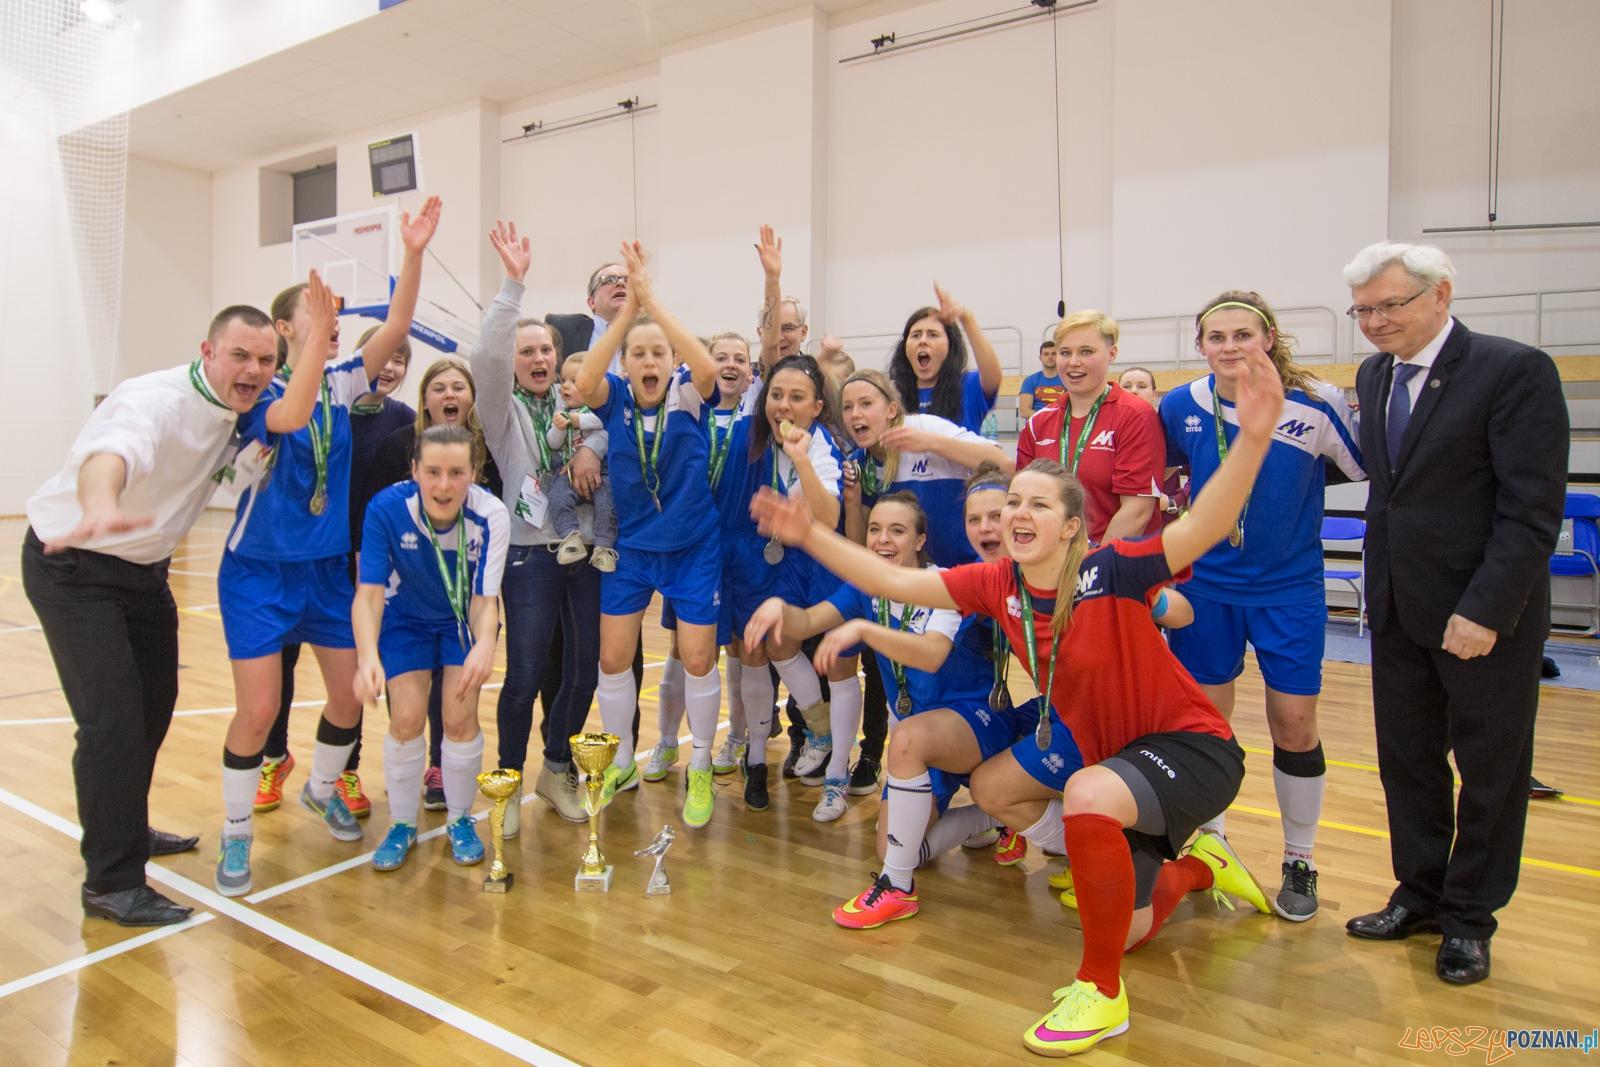 Finał Akademickich Mistrzostw Polski w Futsalu Kobiet  Foto: lepszyPOZNAN.pl / Piotr Rychter